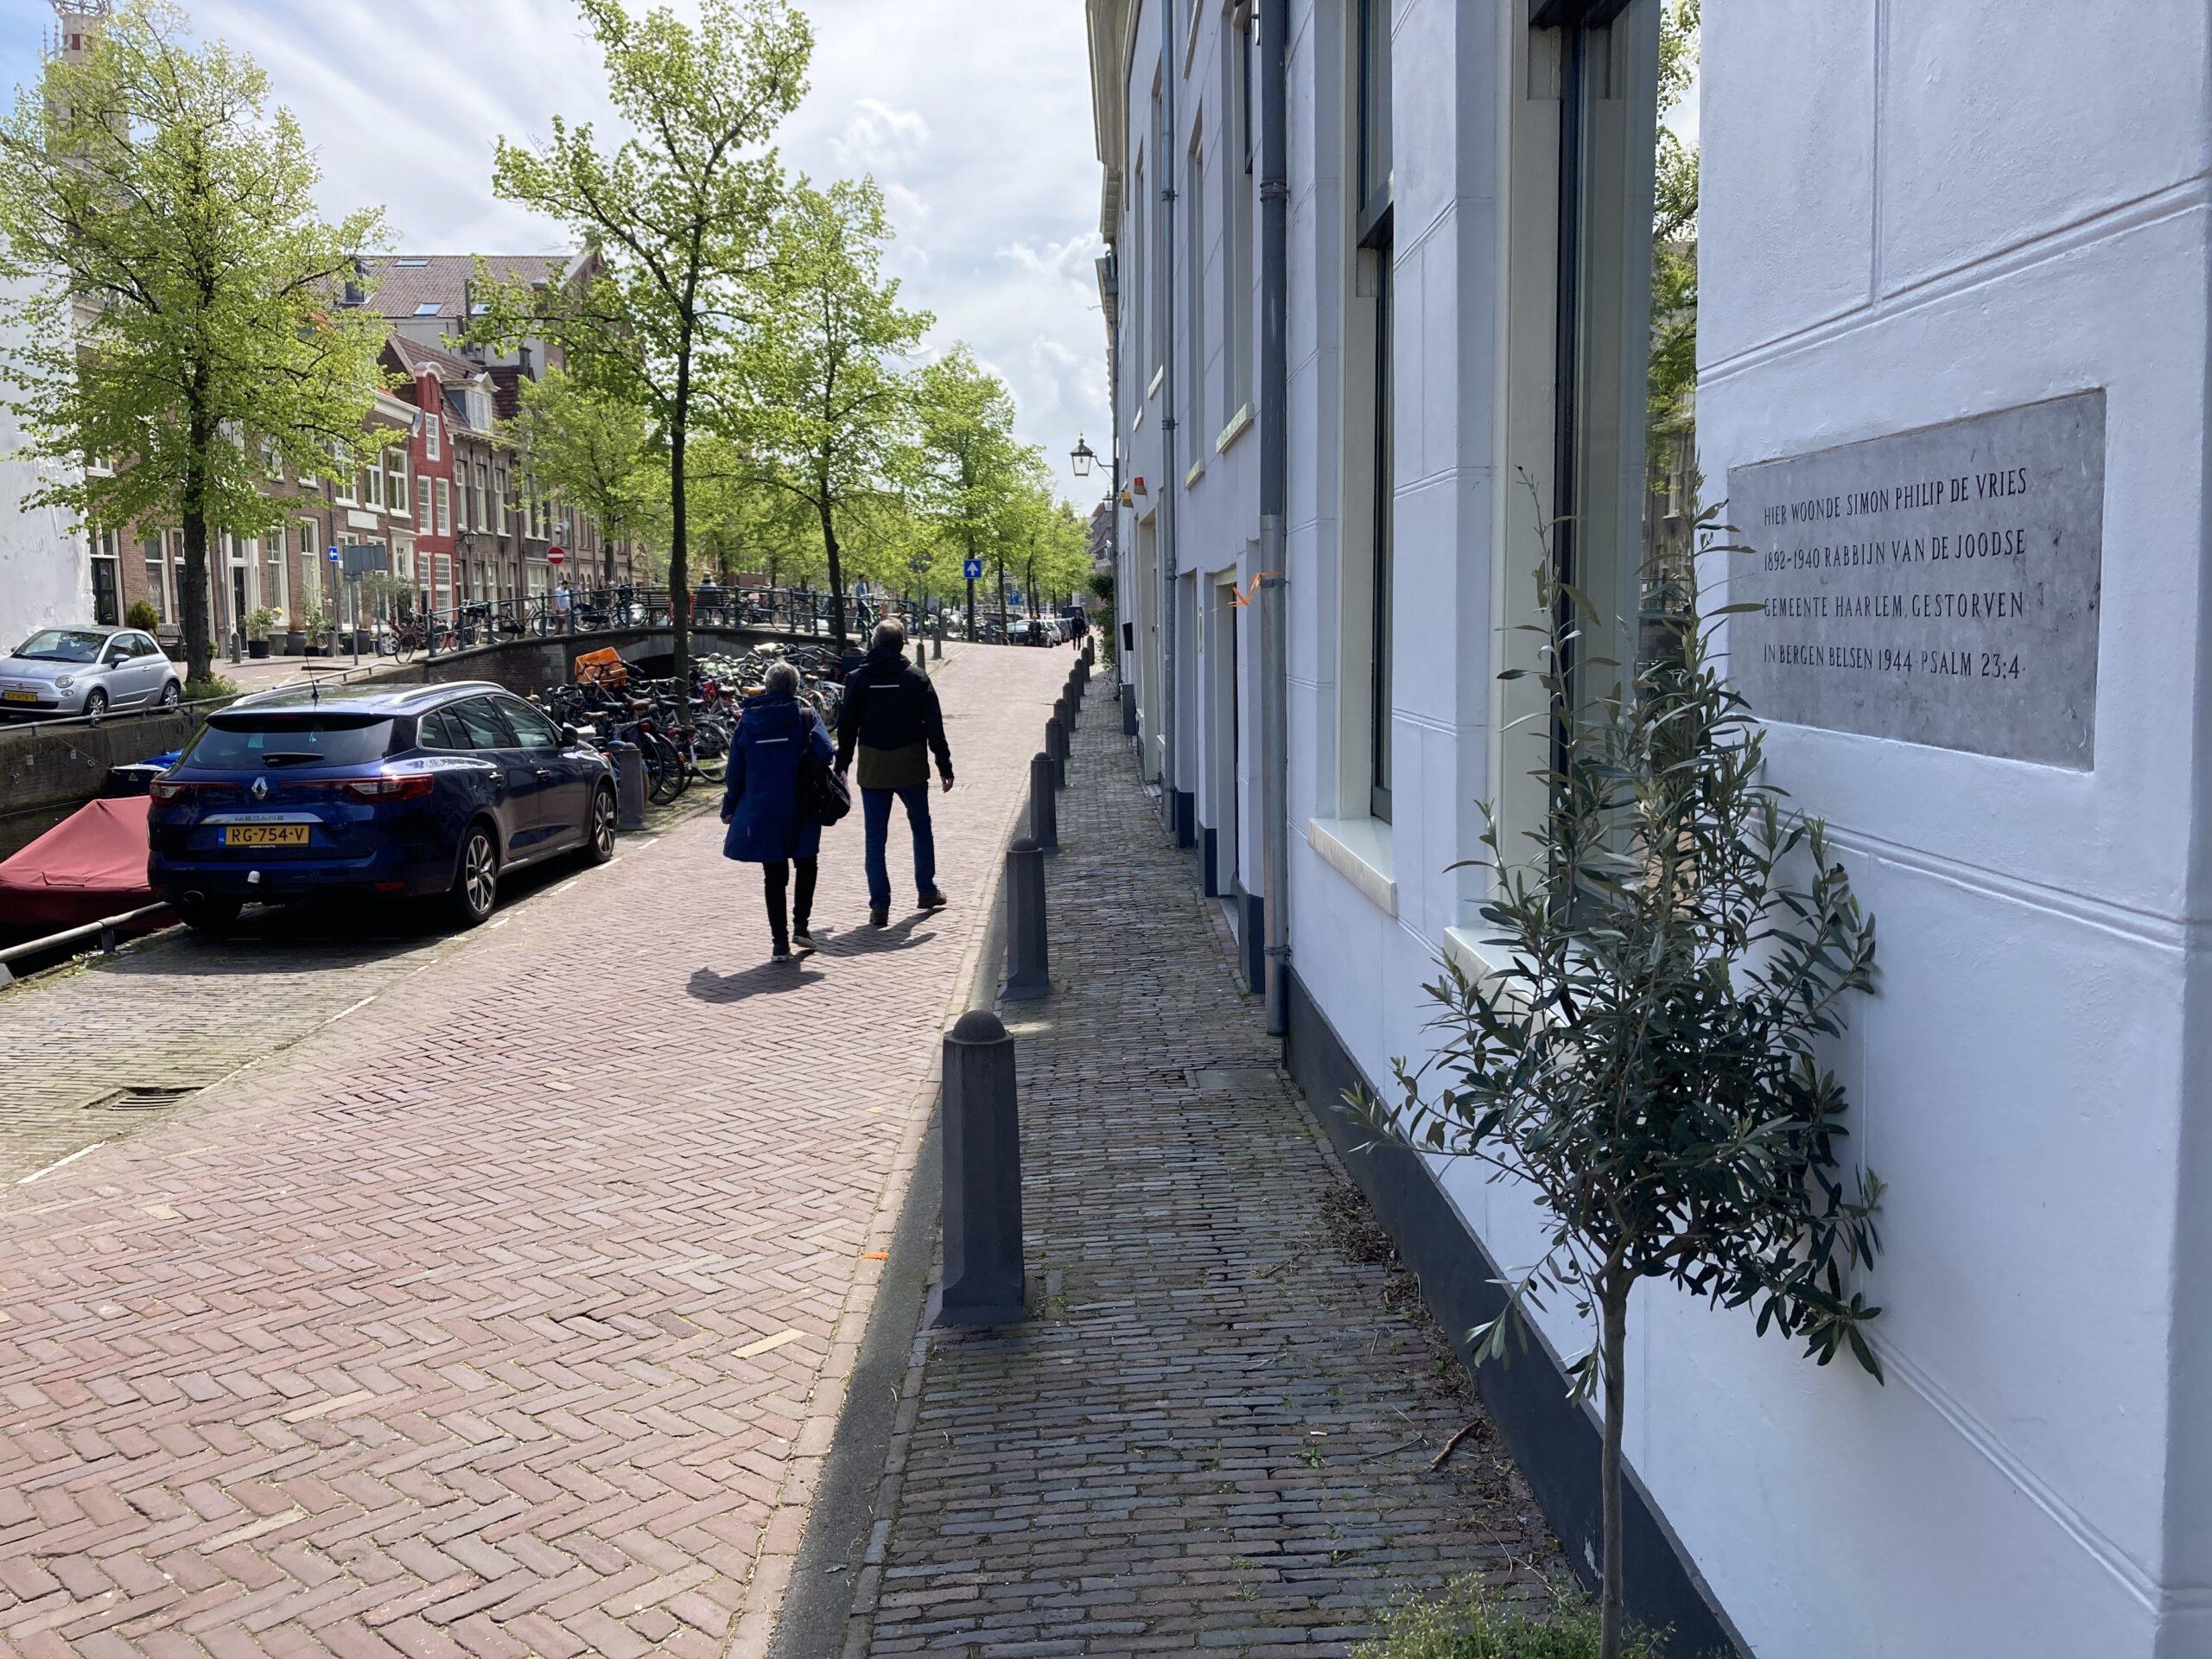 Kwaliteit monumentale Bakenessergracht in Haarlem verder achteruit